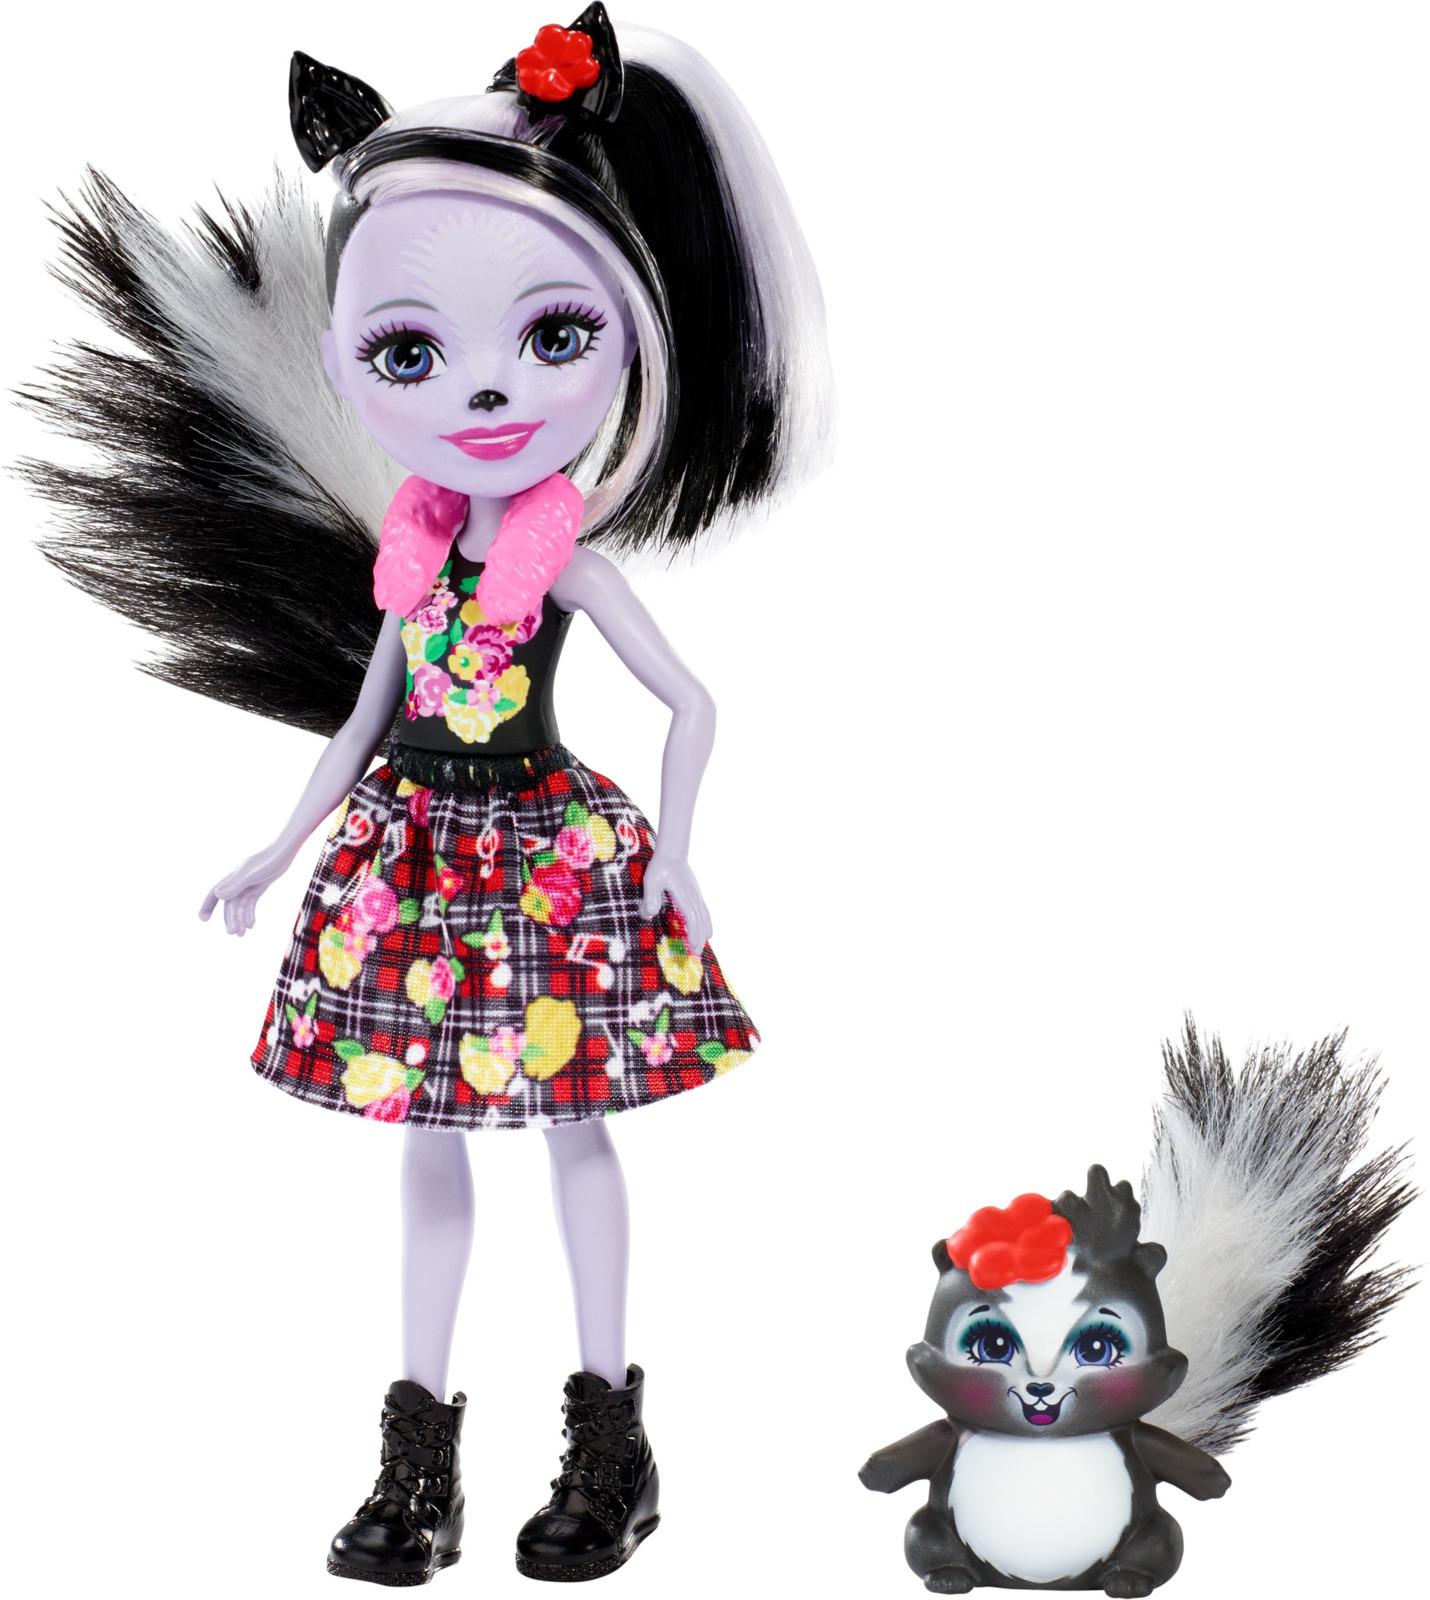 Набор игровой с куклой Enchantimals Sage Skunk, DVH87_FXM72 enchantimals игровой набор с куклой sage scunk